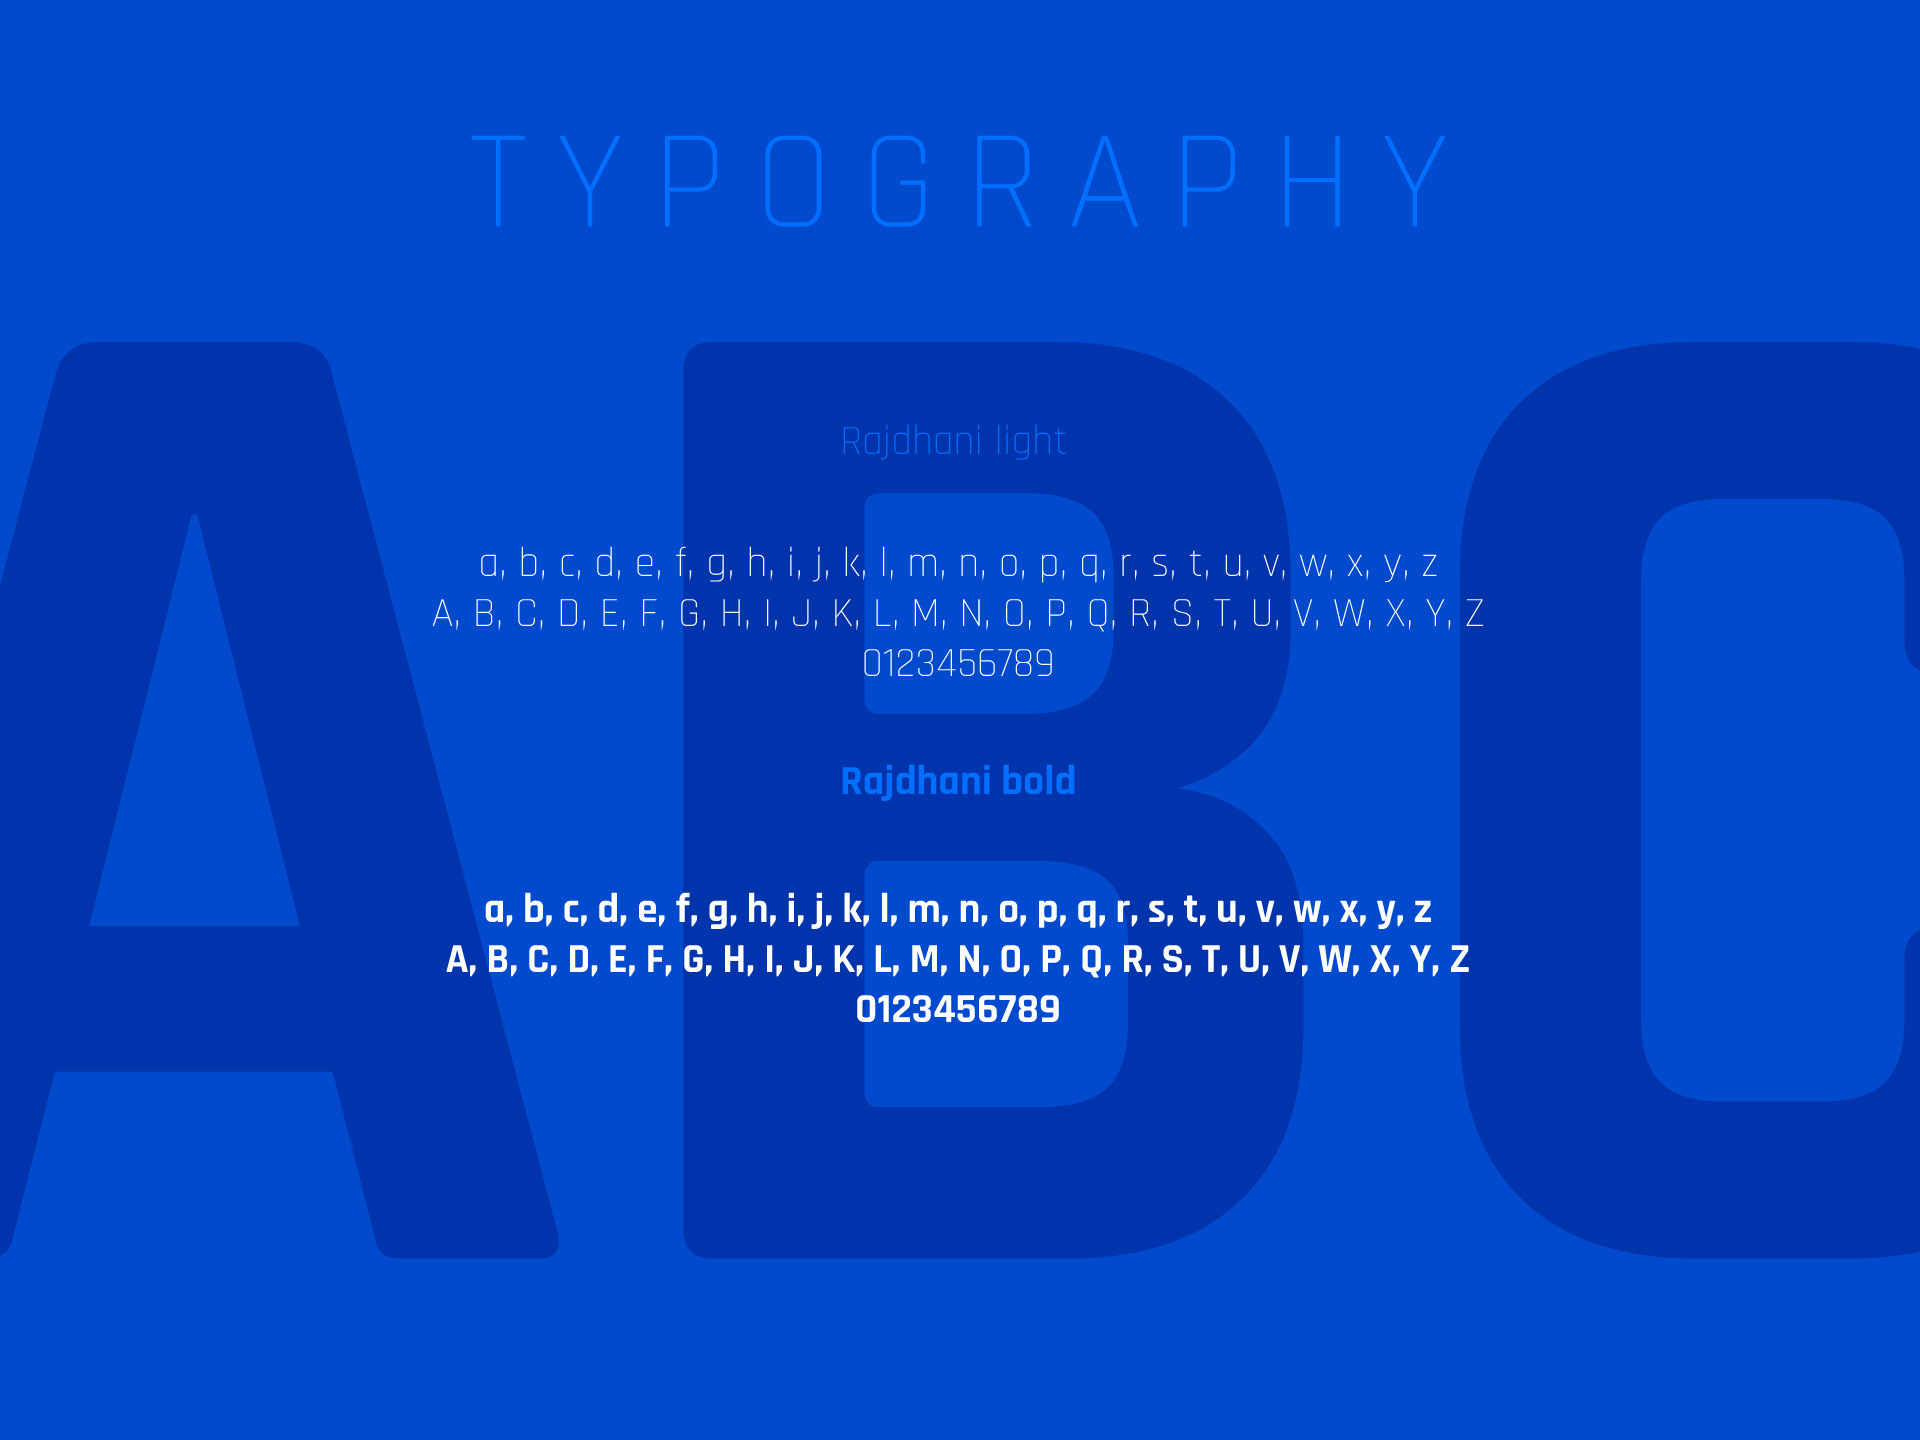 Użyta typografia w brandingu firmy baracuda